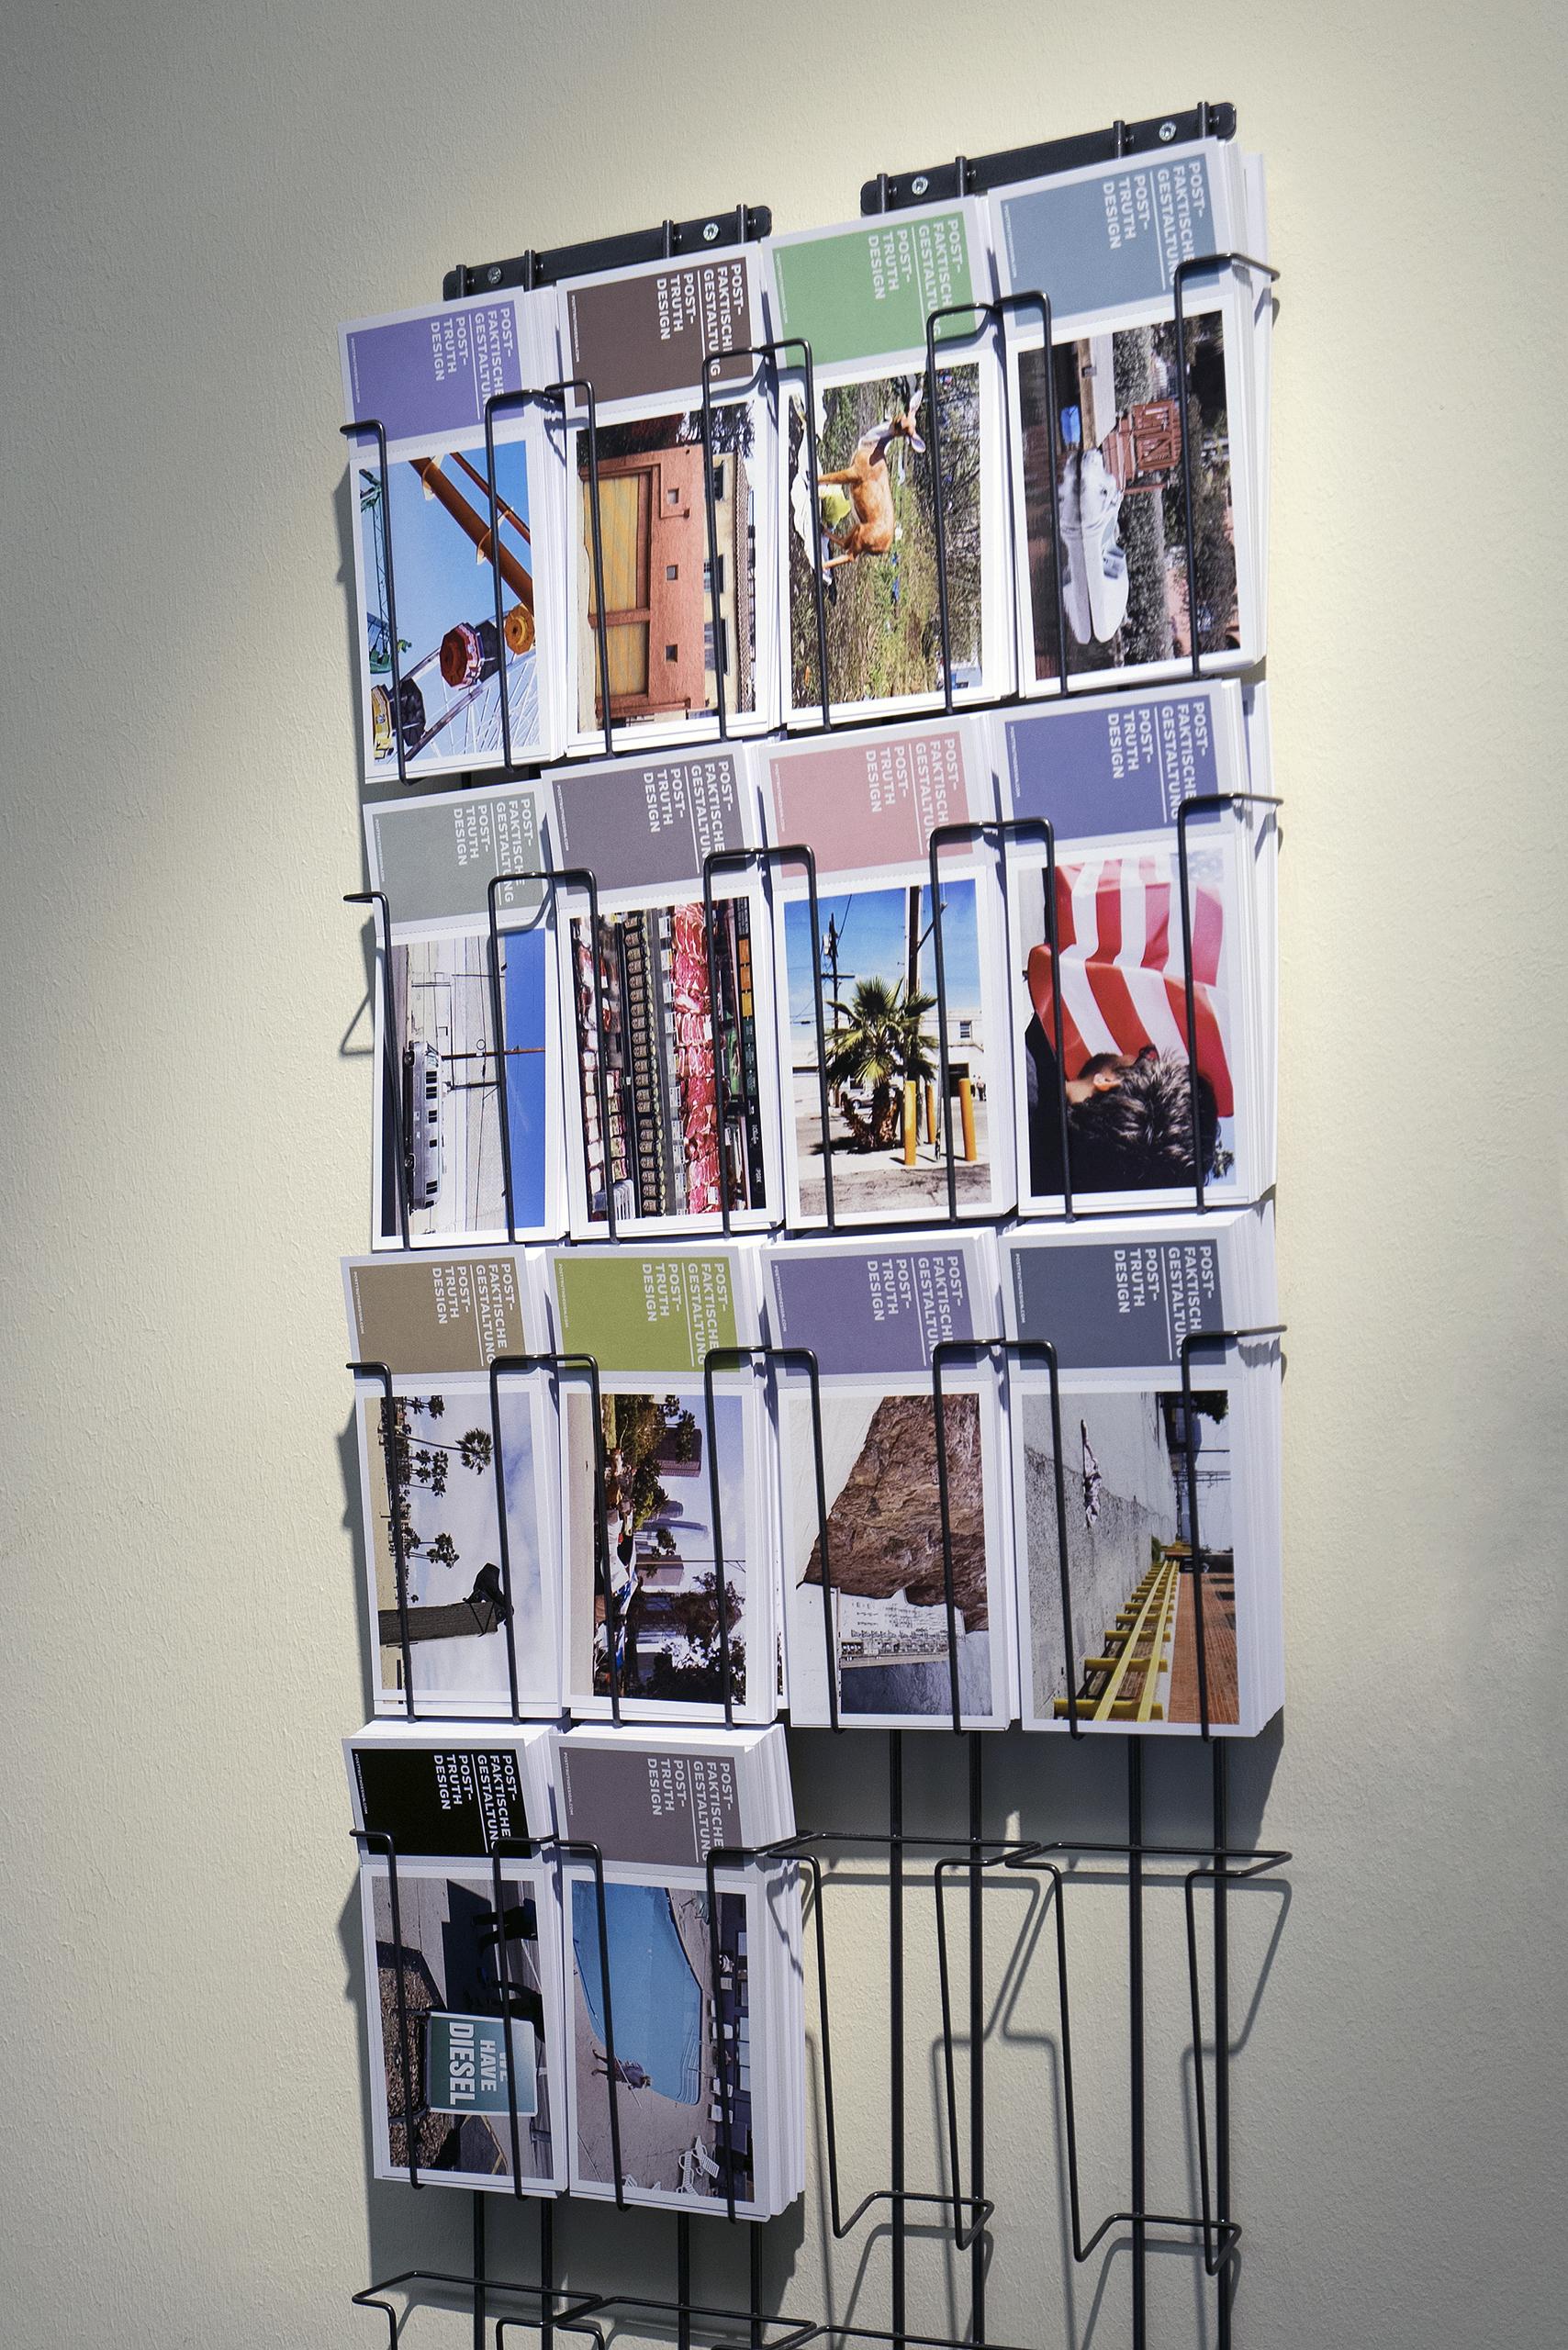 Annual exhibition at the Burg Giebichenstein University of Art and Design Halle | Photo: Matthias Ries